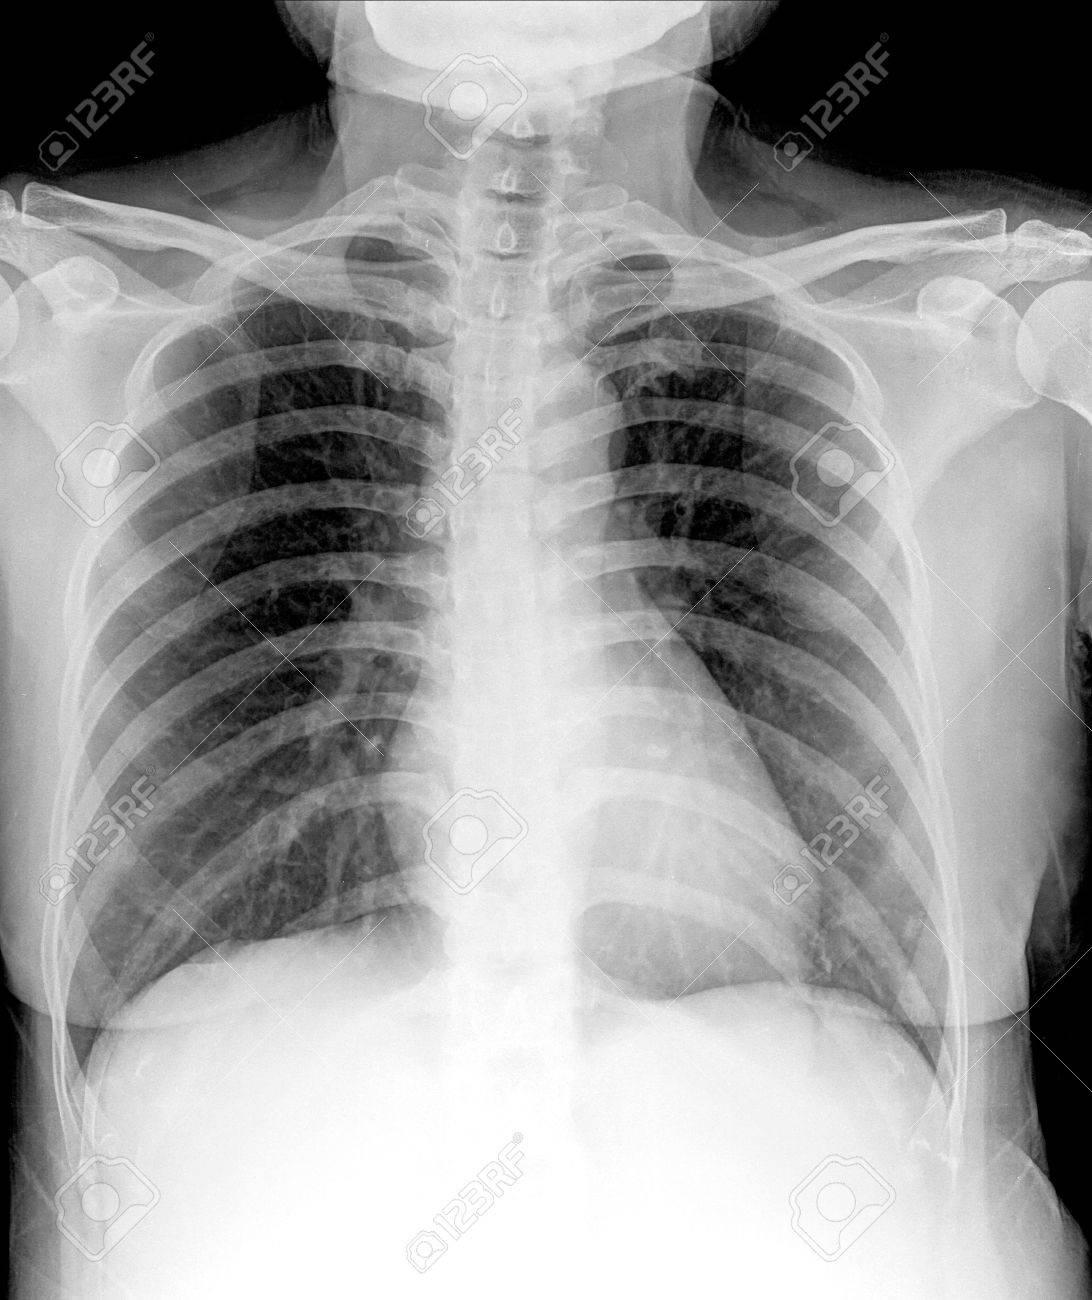 X-Ray Bild Der Menschlichen Brust Für Eine Medizinische Diagnose ...